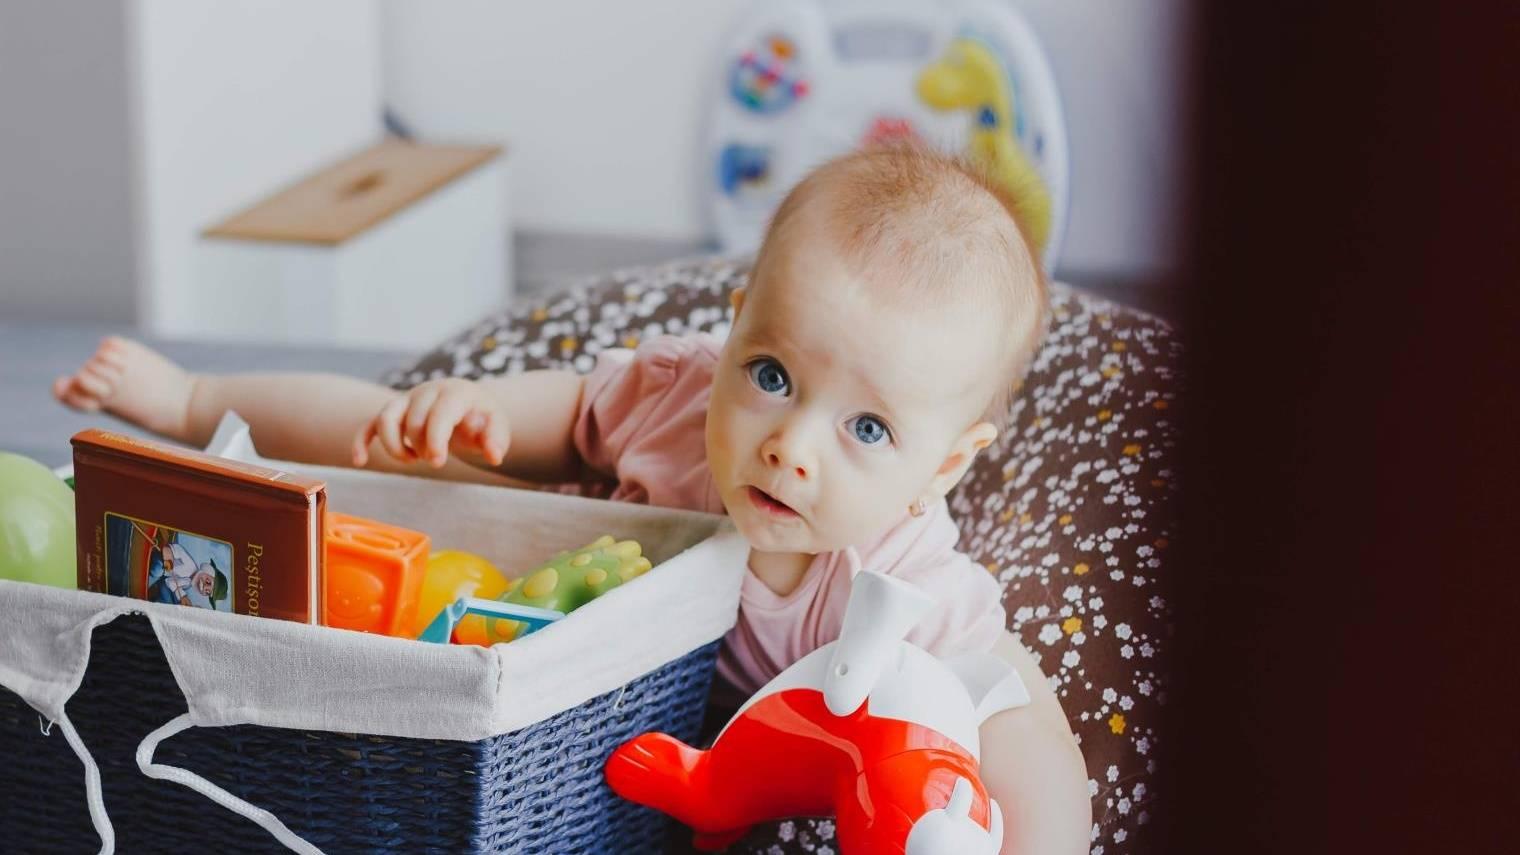 婴童零辅食市场进入黄金期,新⼿还有机会吗?